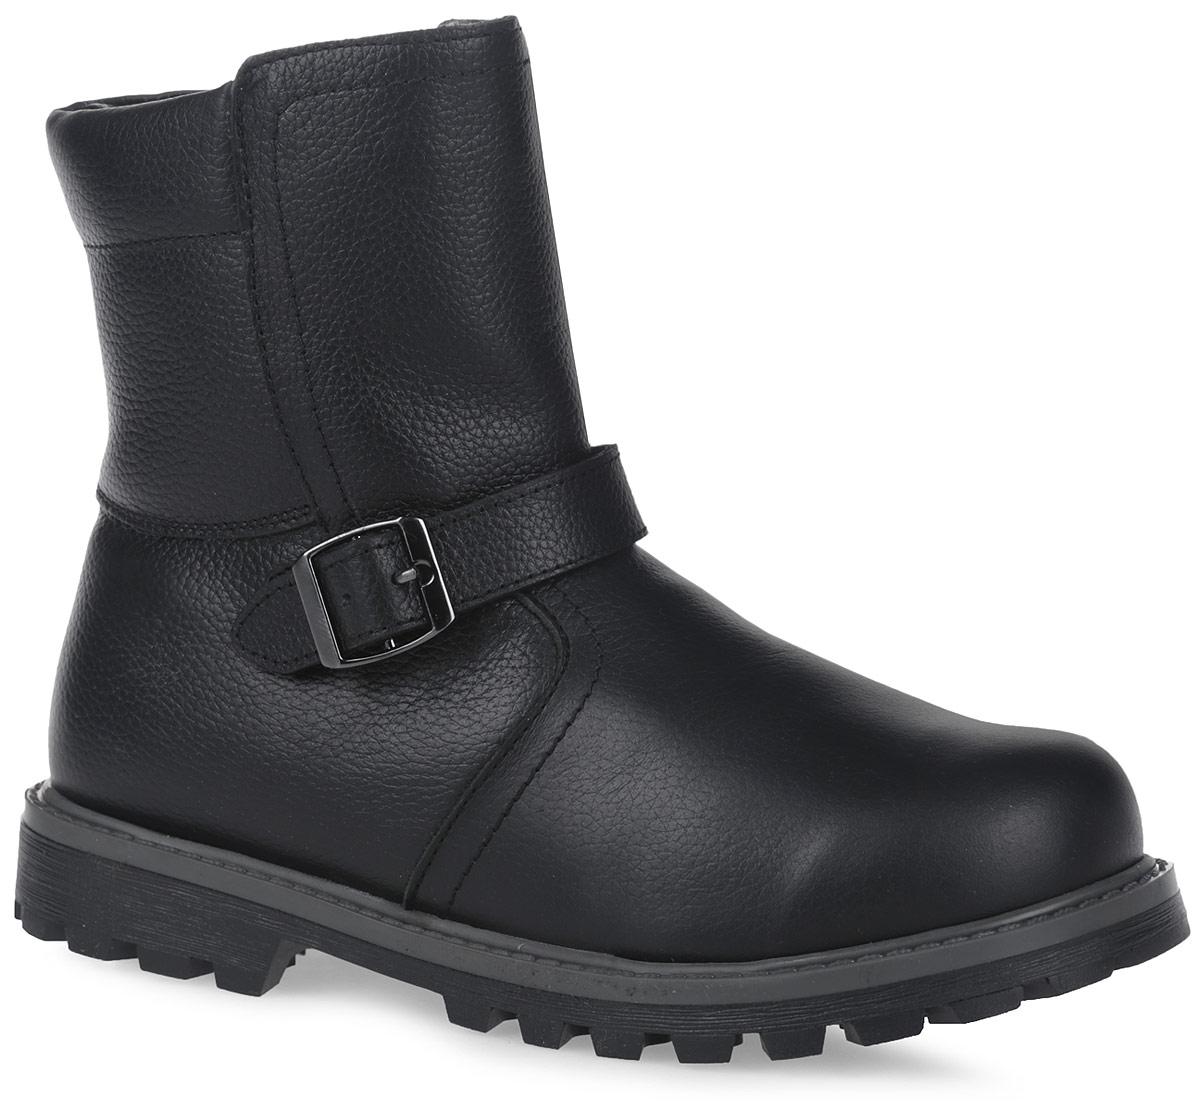 11207-1Полусапоги от Зебра выполнены из натуральной кожи и оформлены декоративным ремешком. Застежка-молния надежно фиксирует изделие на ноге. Мягкая подкладка и стелька из натурального меха обеспечивают тепло, циркуляцию воздуха и сохраняют комфортный микроклимат в обуви.